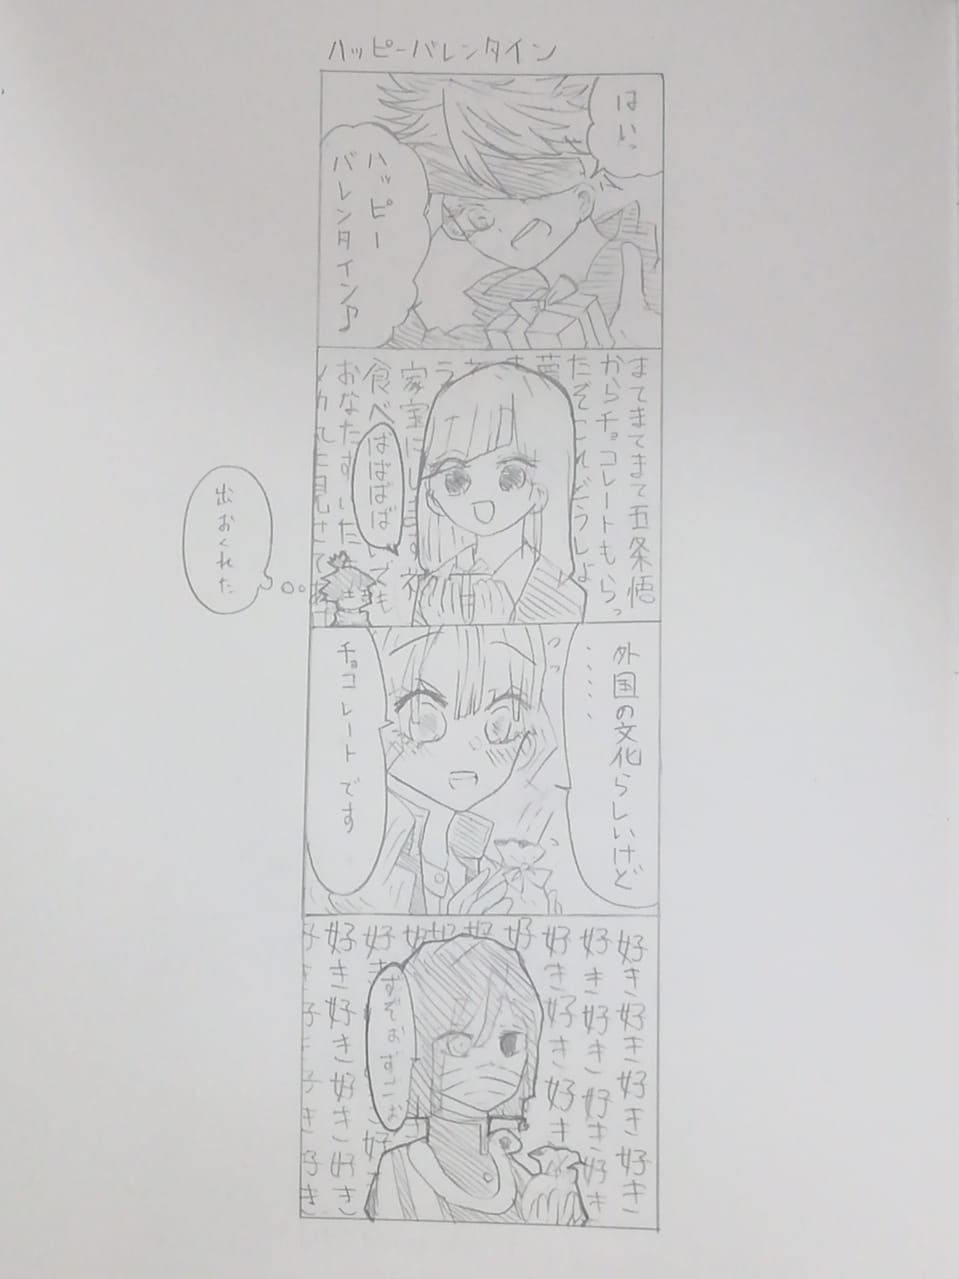 バレンタイン Illust of いと KimetsunoYaiba JujutsuKaisen Valentine アナログ 4コマ漫画